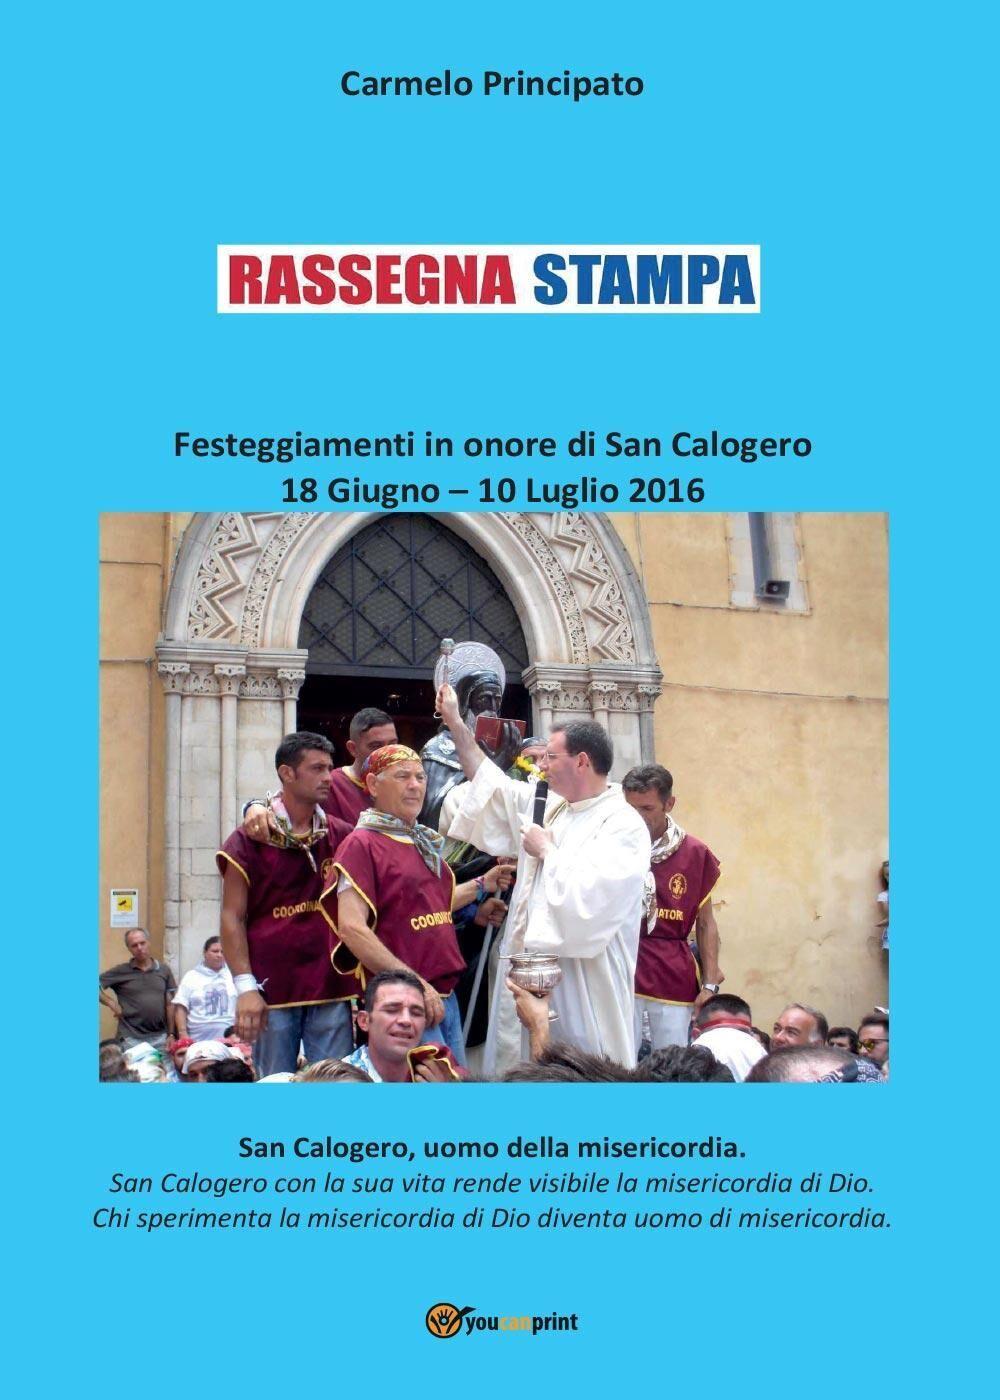 Rassegna stampa. Festeggiamenti in onore di San Calogero (18 giugno-10 luglio 2016)